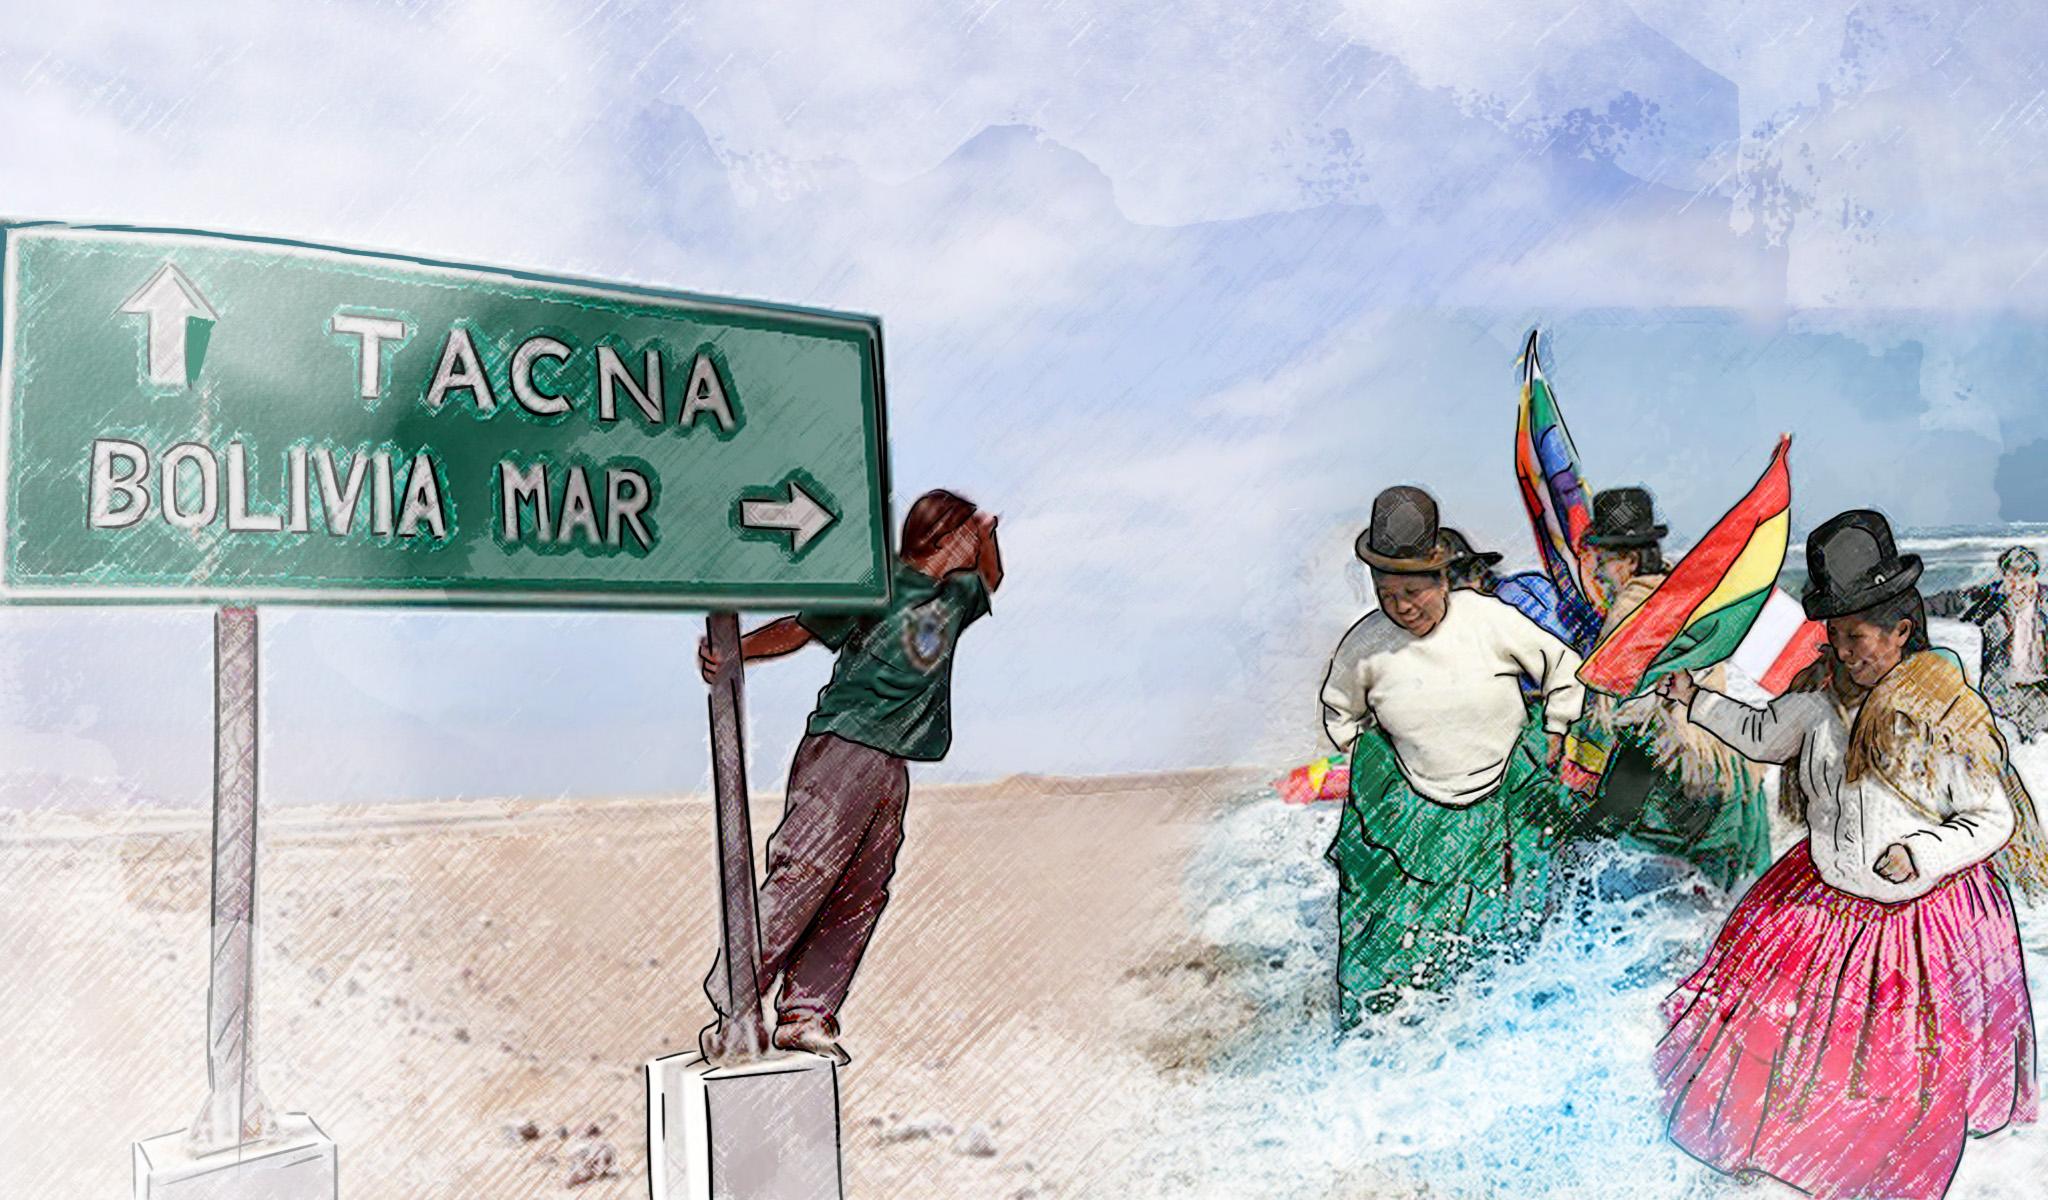 La playa de Bolivia en el olvido